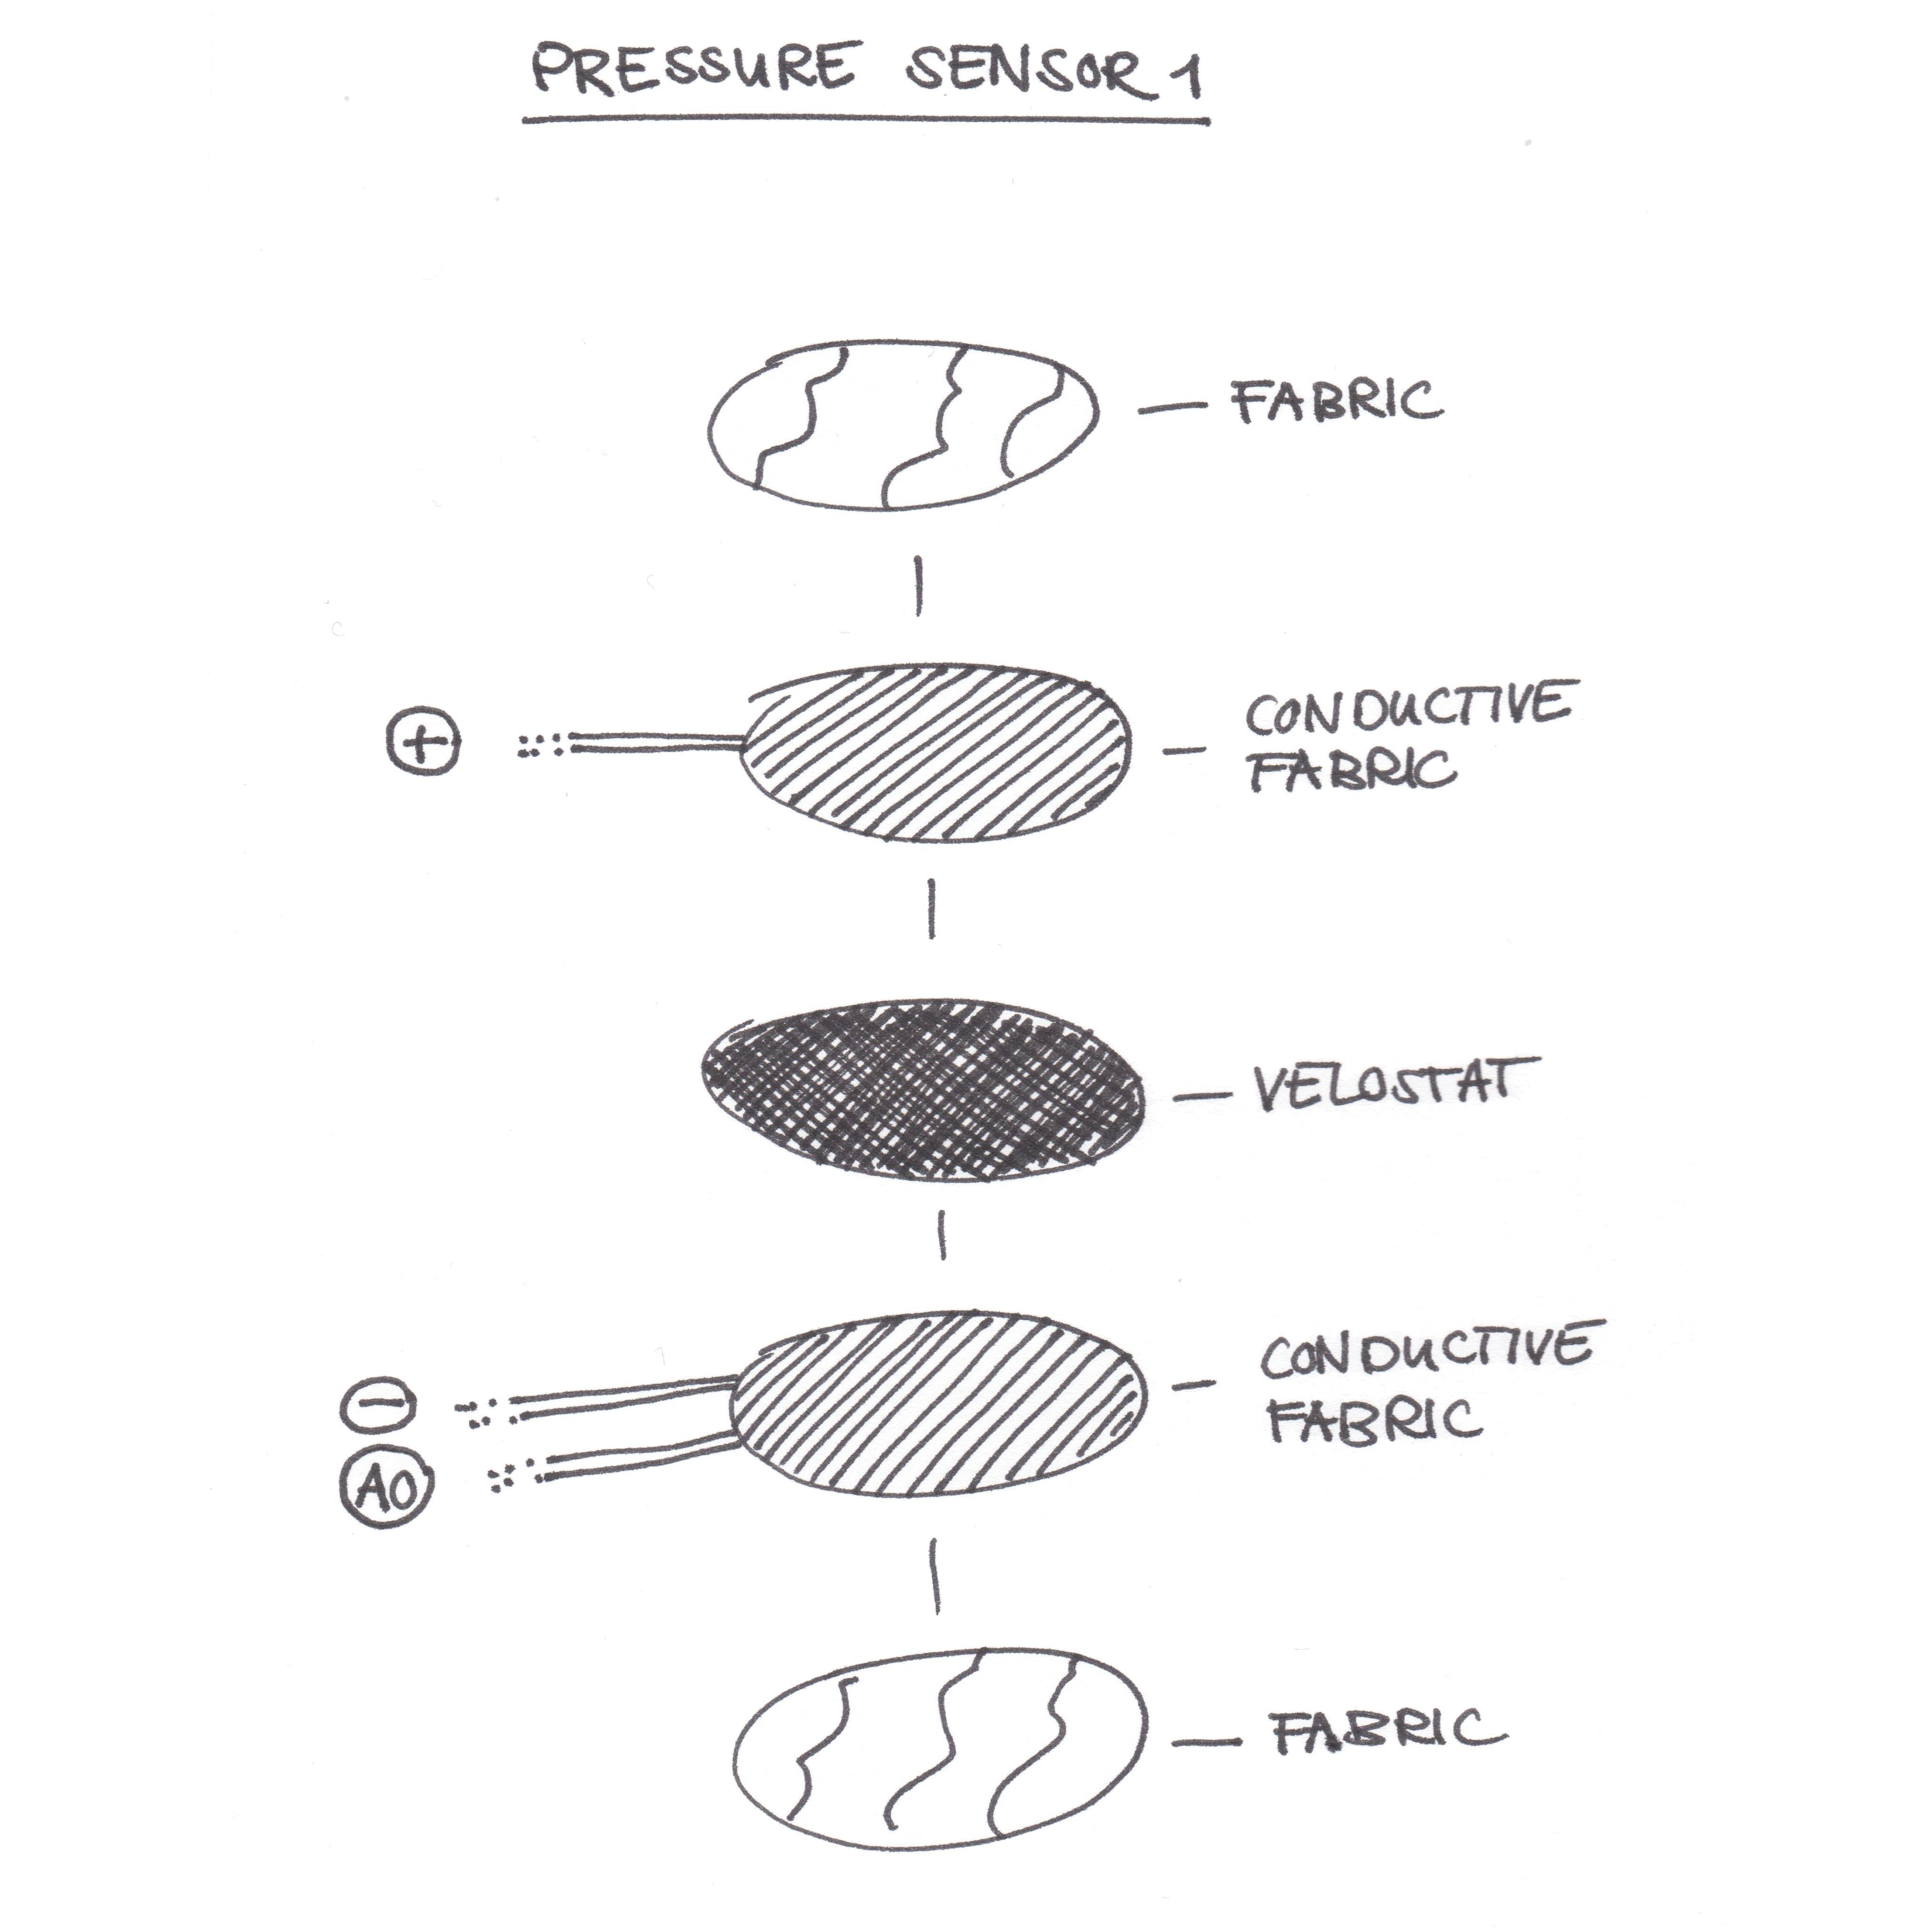 Pressure Sensor Experiments – Costumes and Sensors